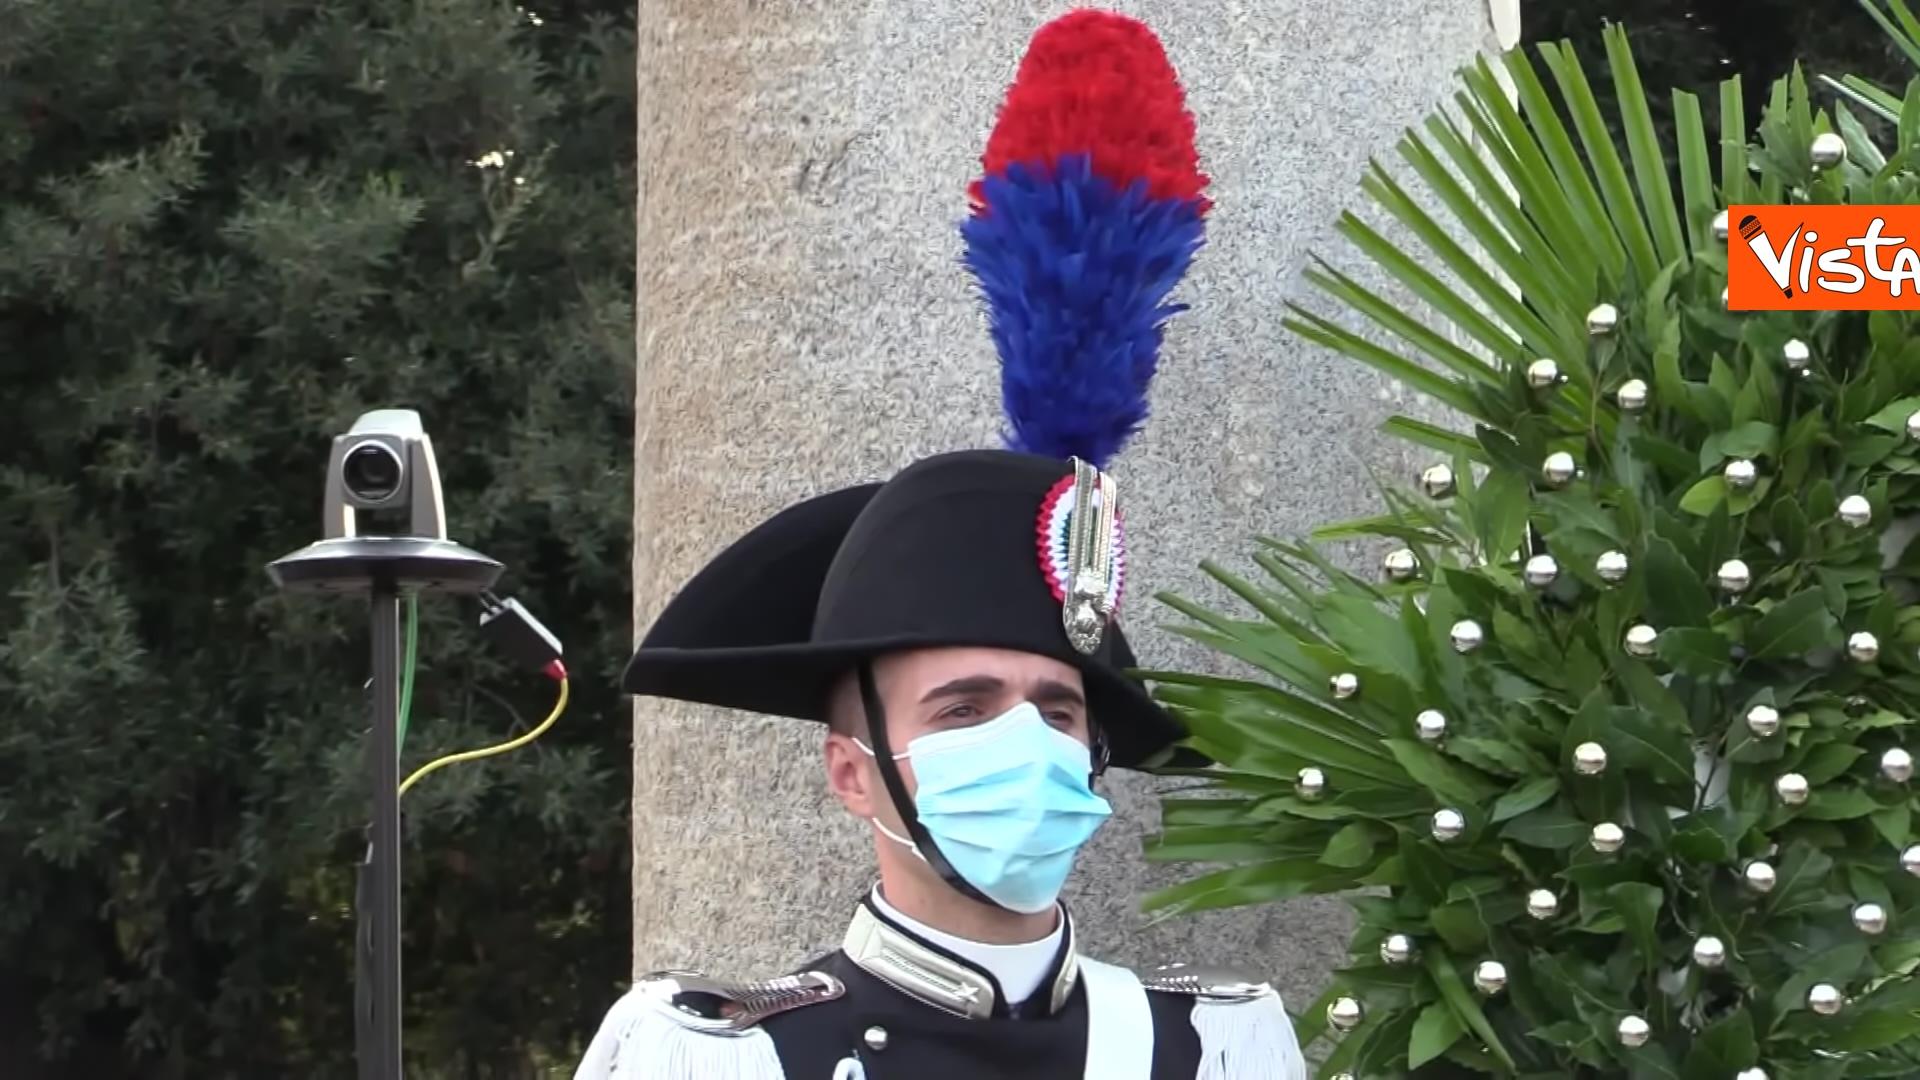 11-09-21 Attentati dell11 settembre Di Maio e Raggi alla cerimonia per i 20 anni a Roma Le immagini_04